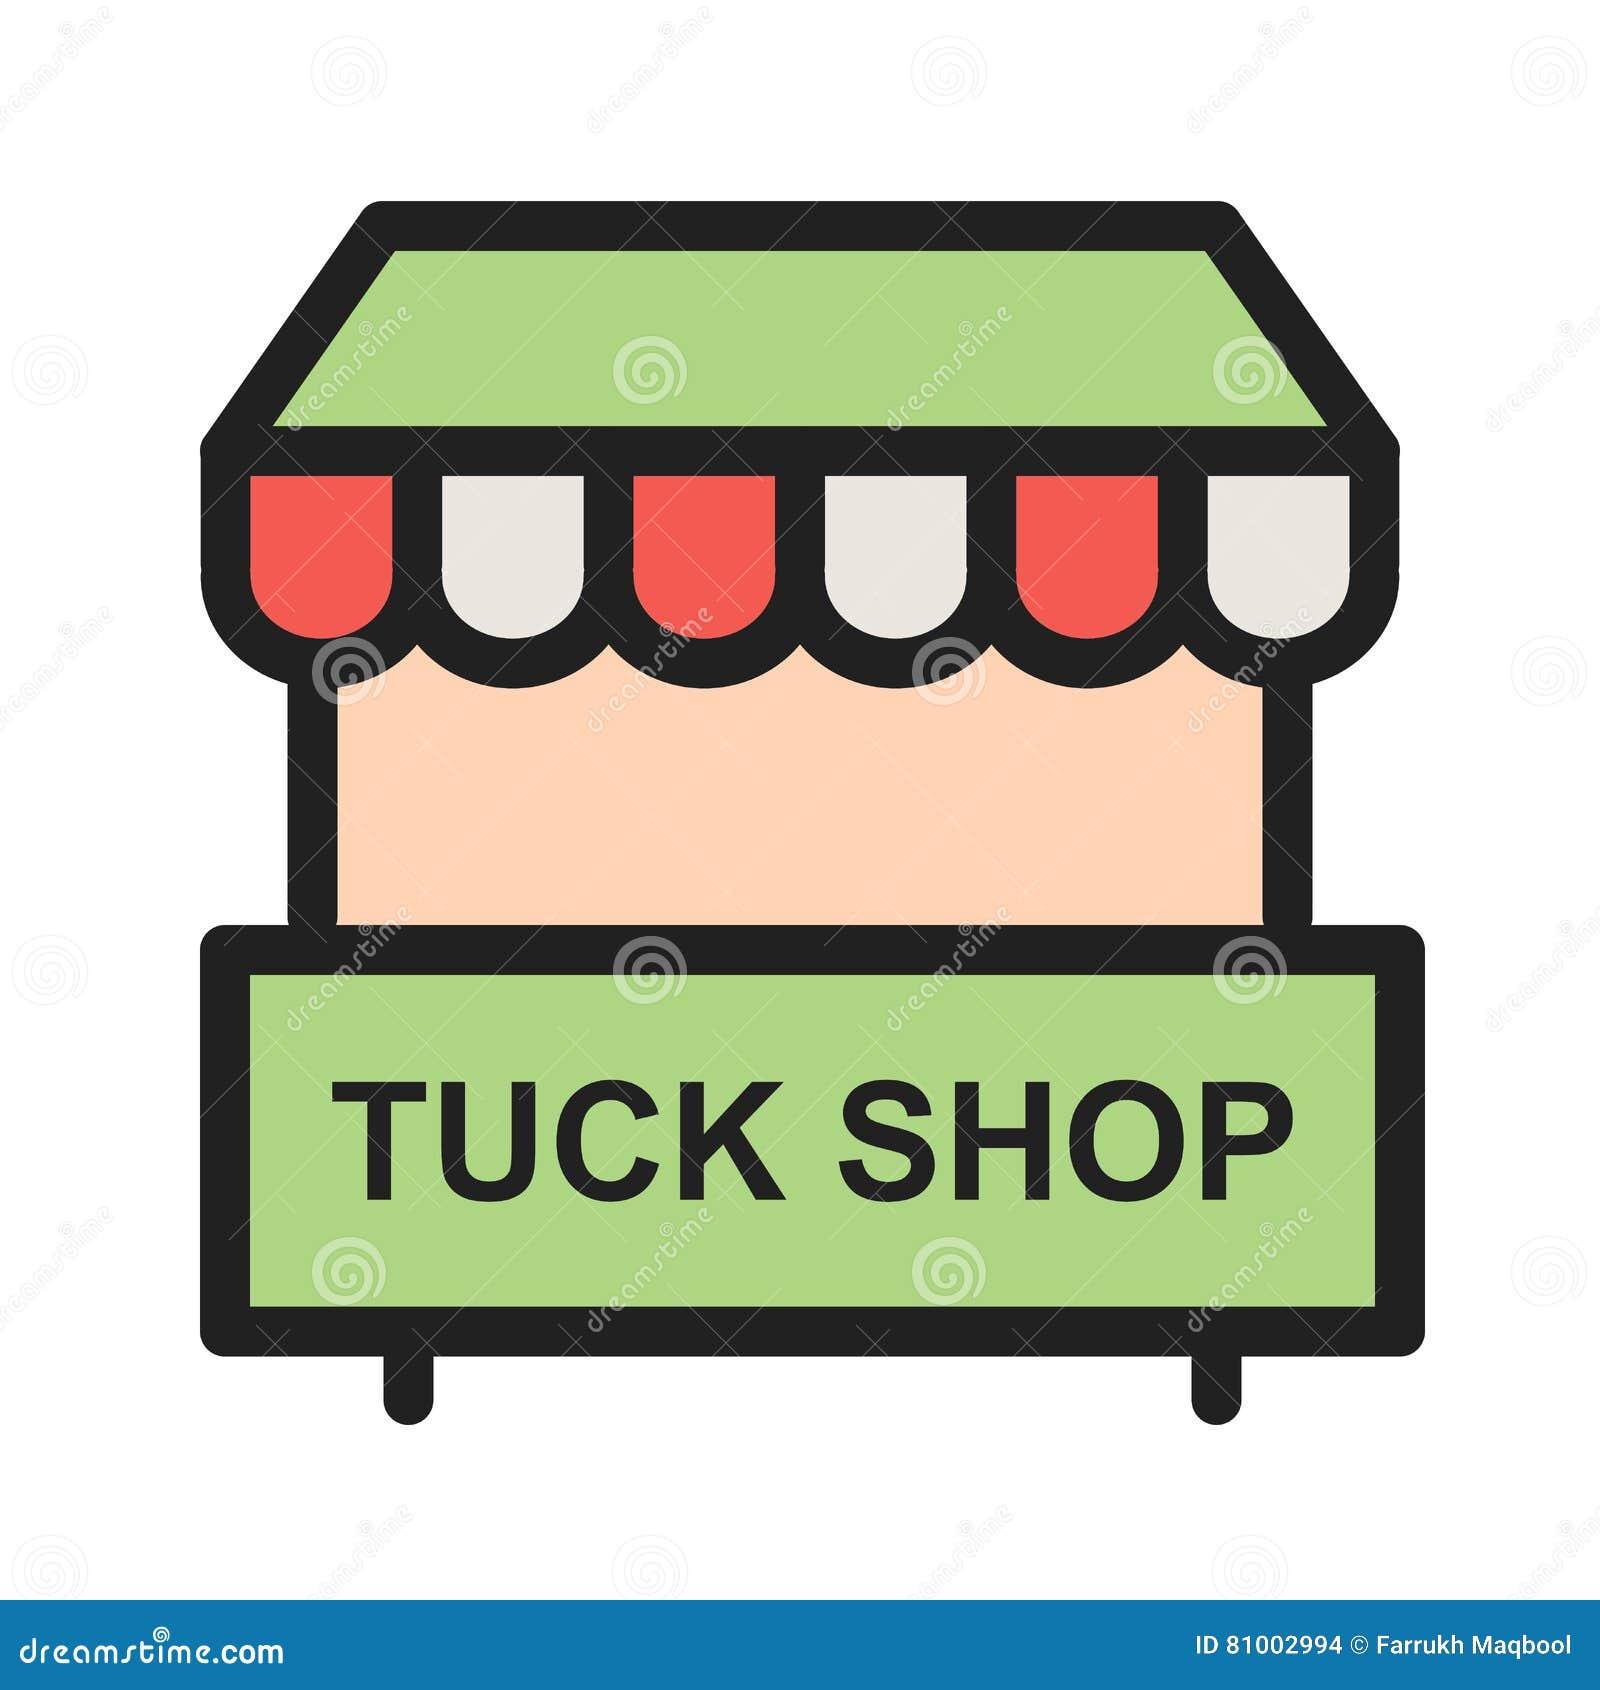 Business plan about tuck shop phoenix